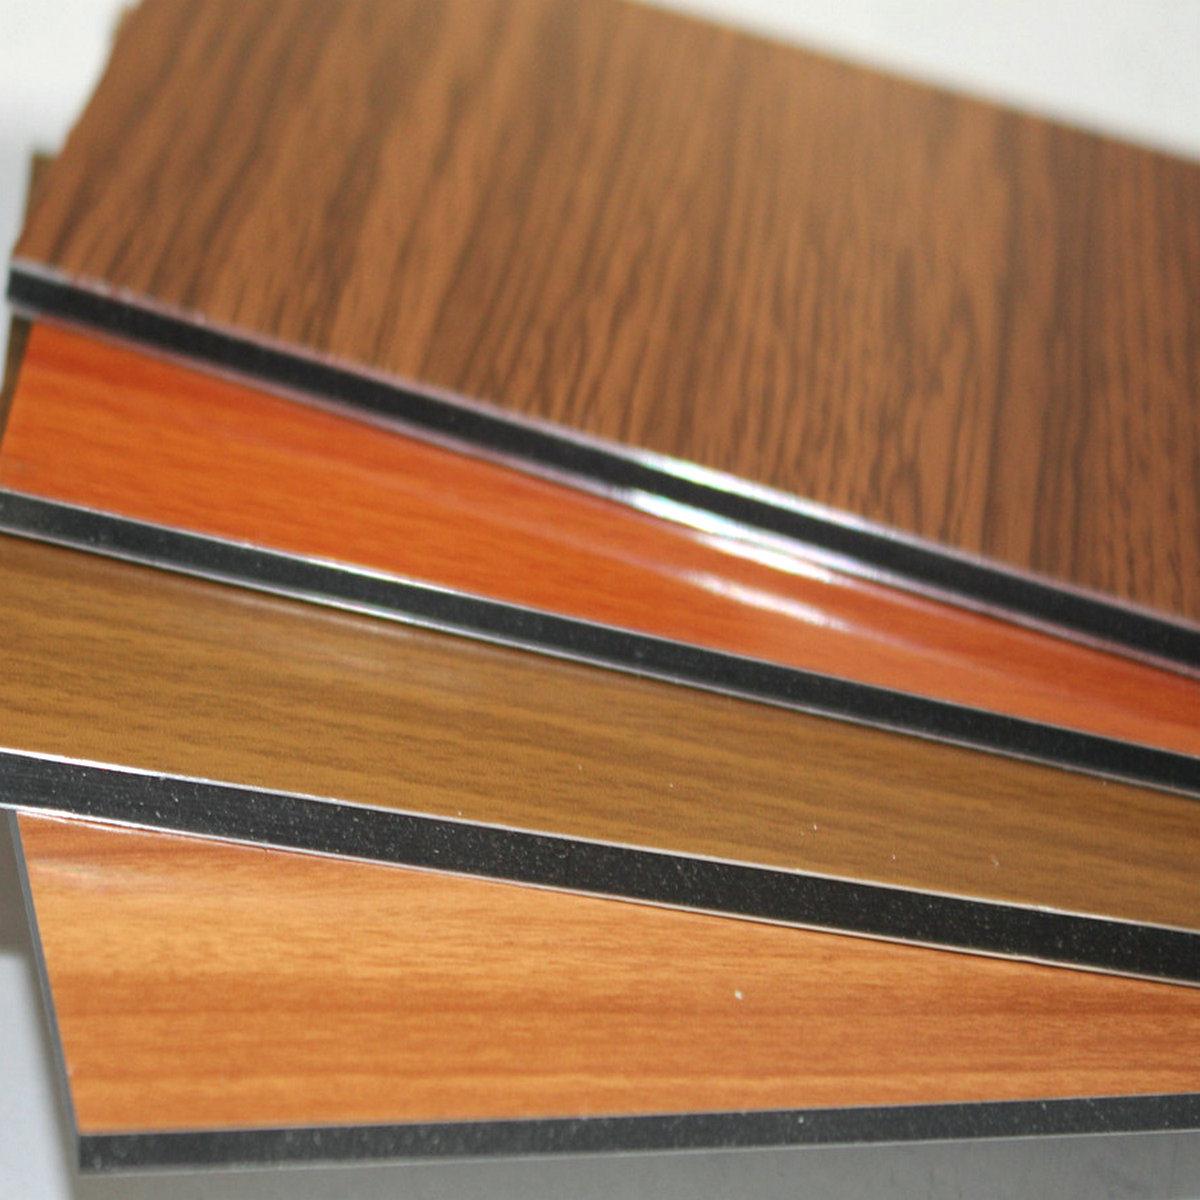 panneau de mur dcoratif de finition en bois extrieur dintrieur - Panneau De Bois Decoratif Interieur